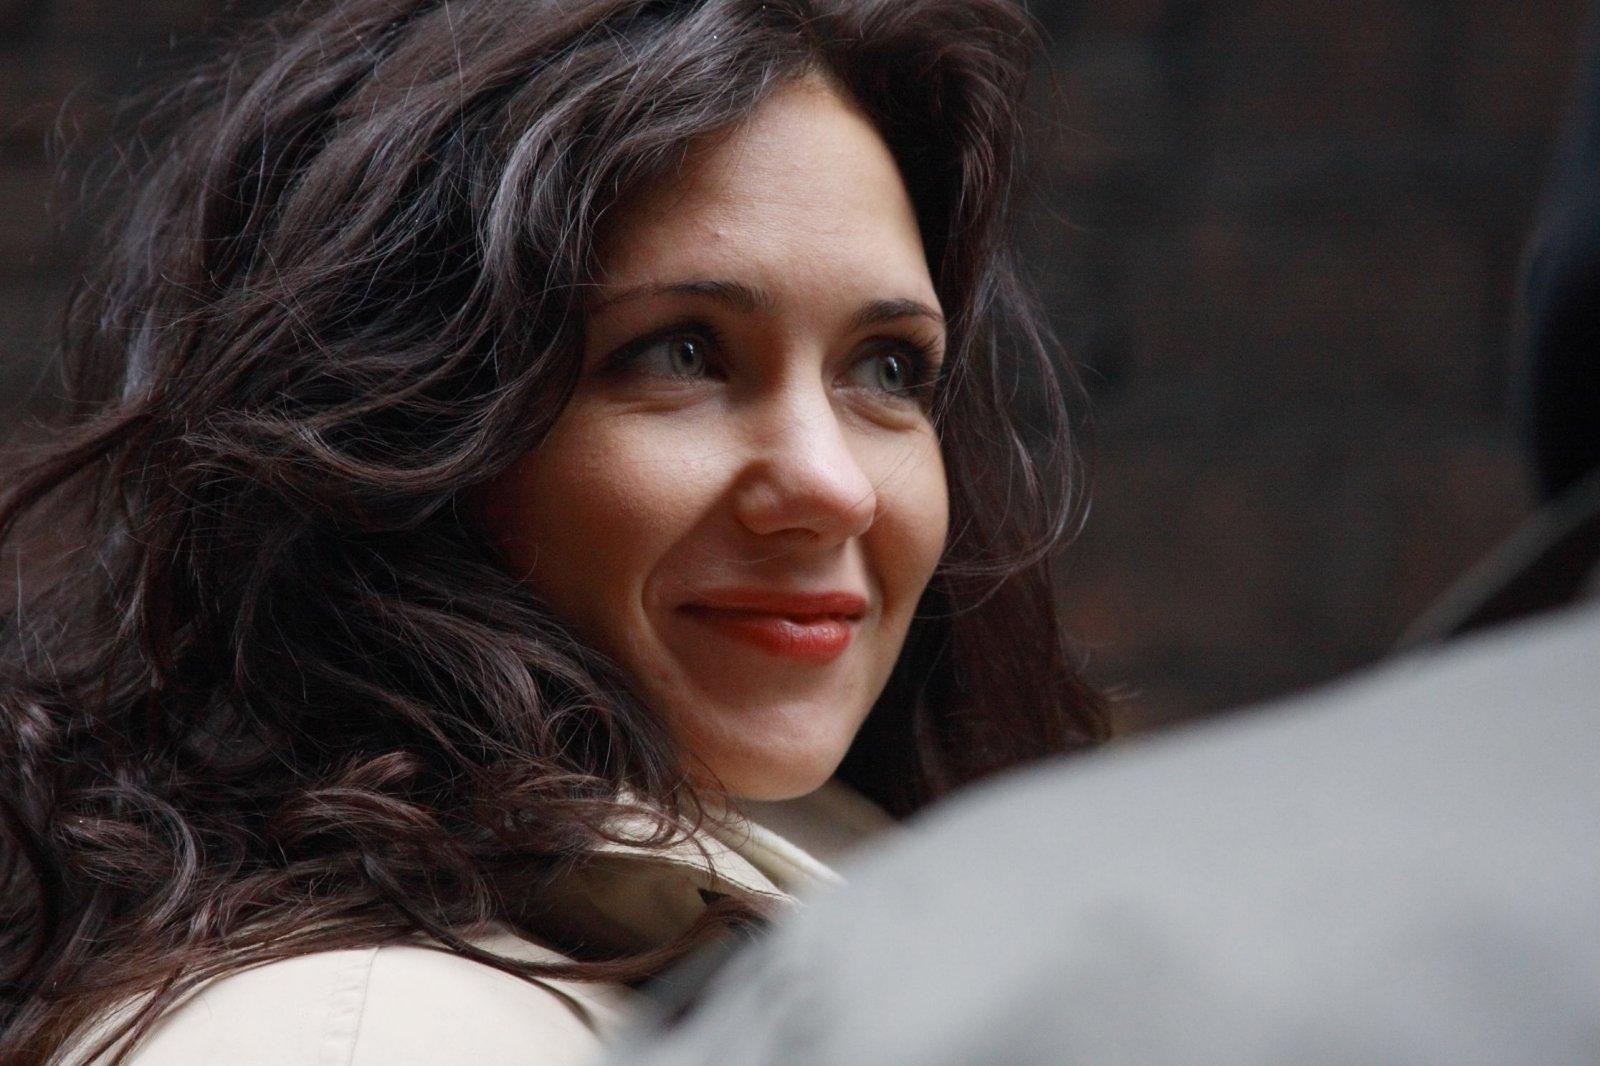 Последние фото актрисы екатерины климовой